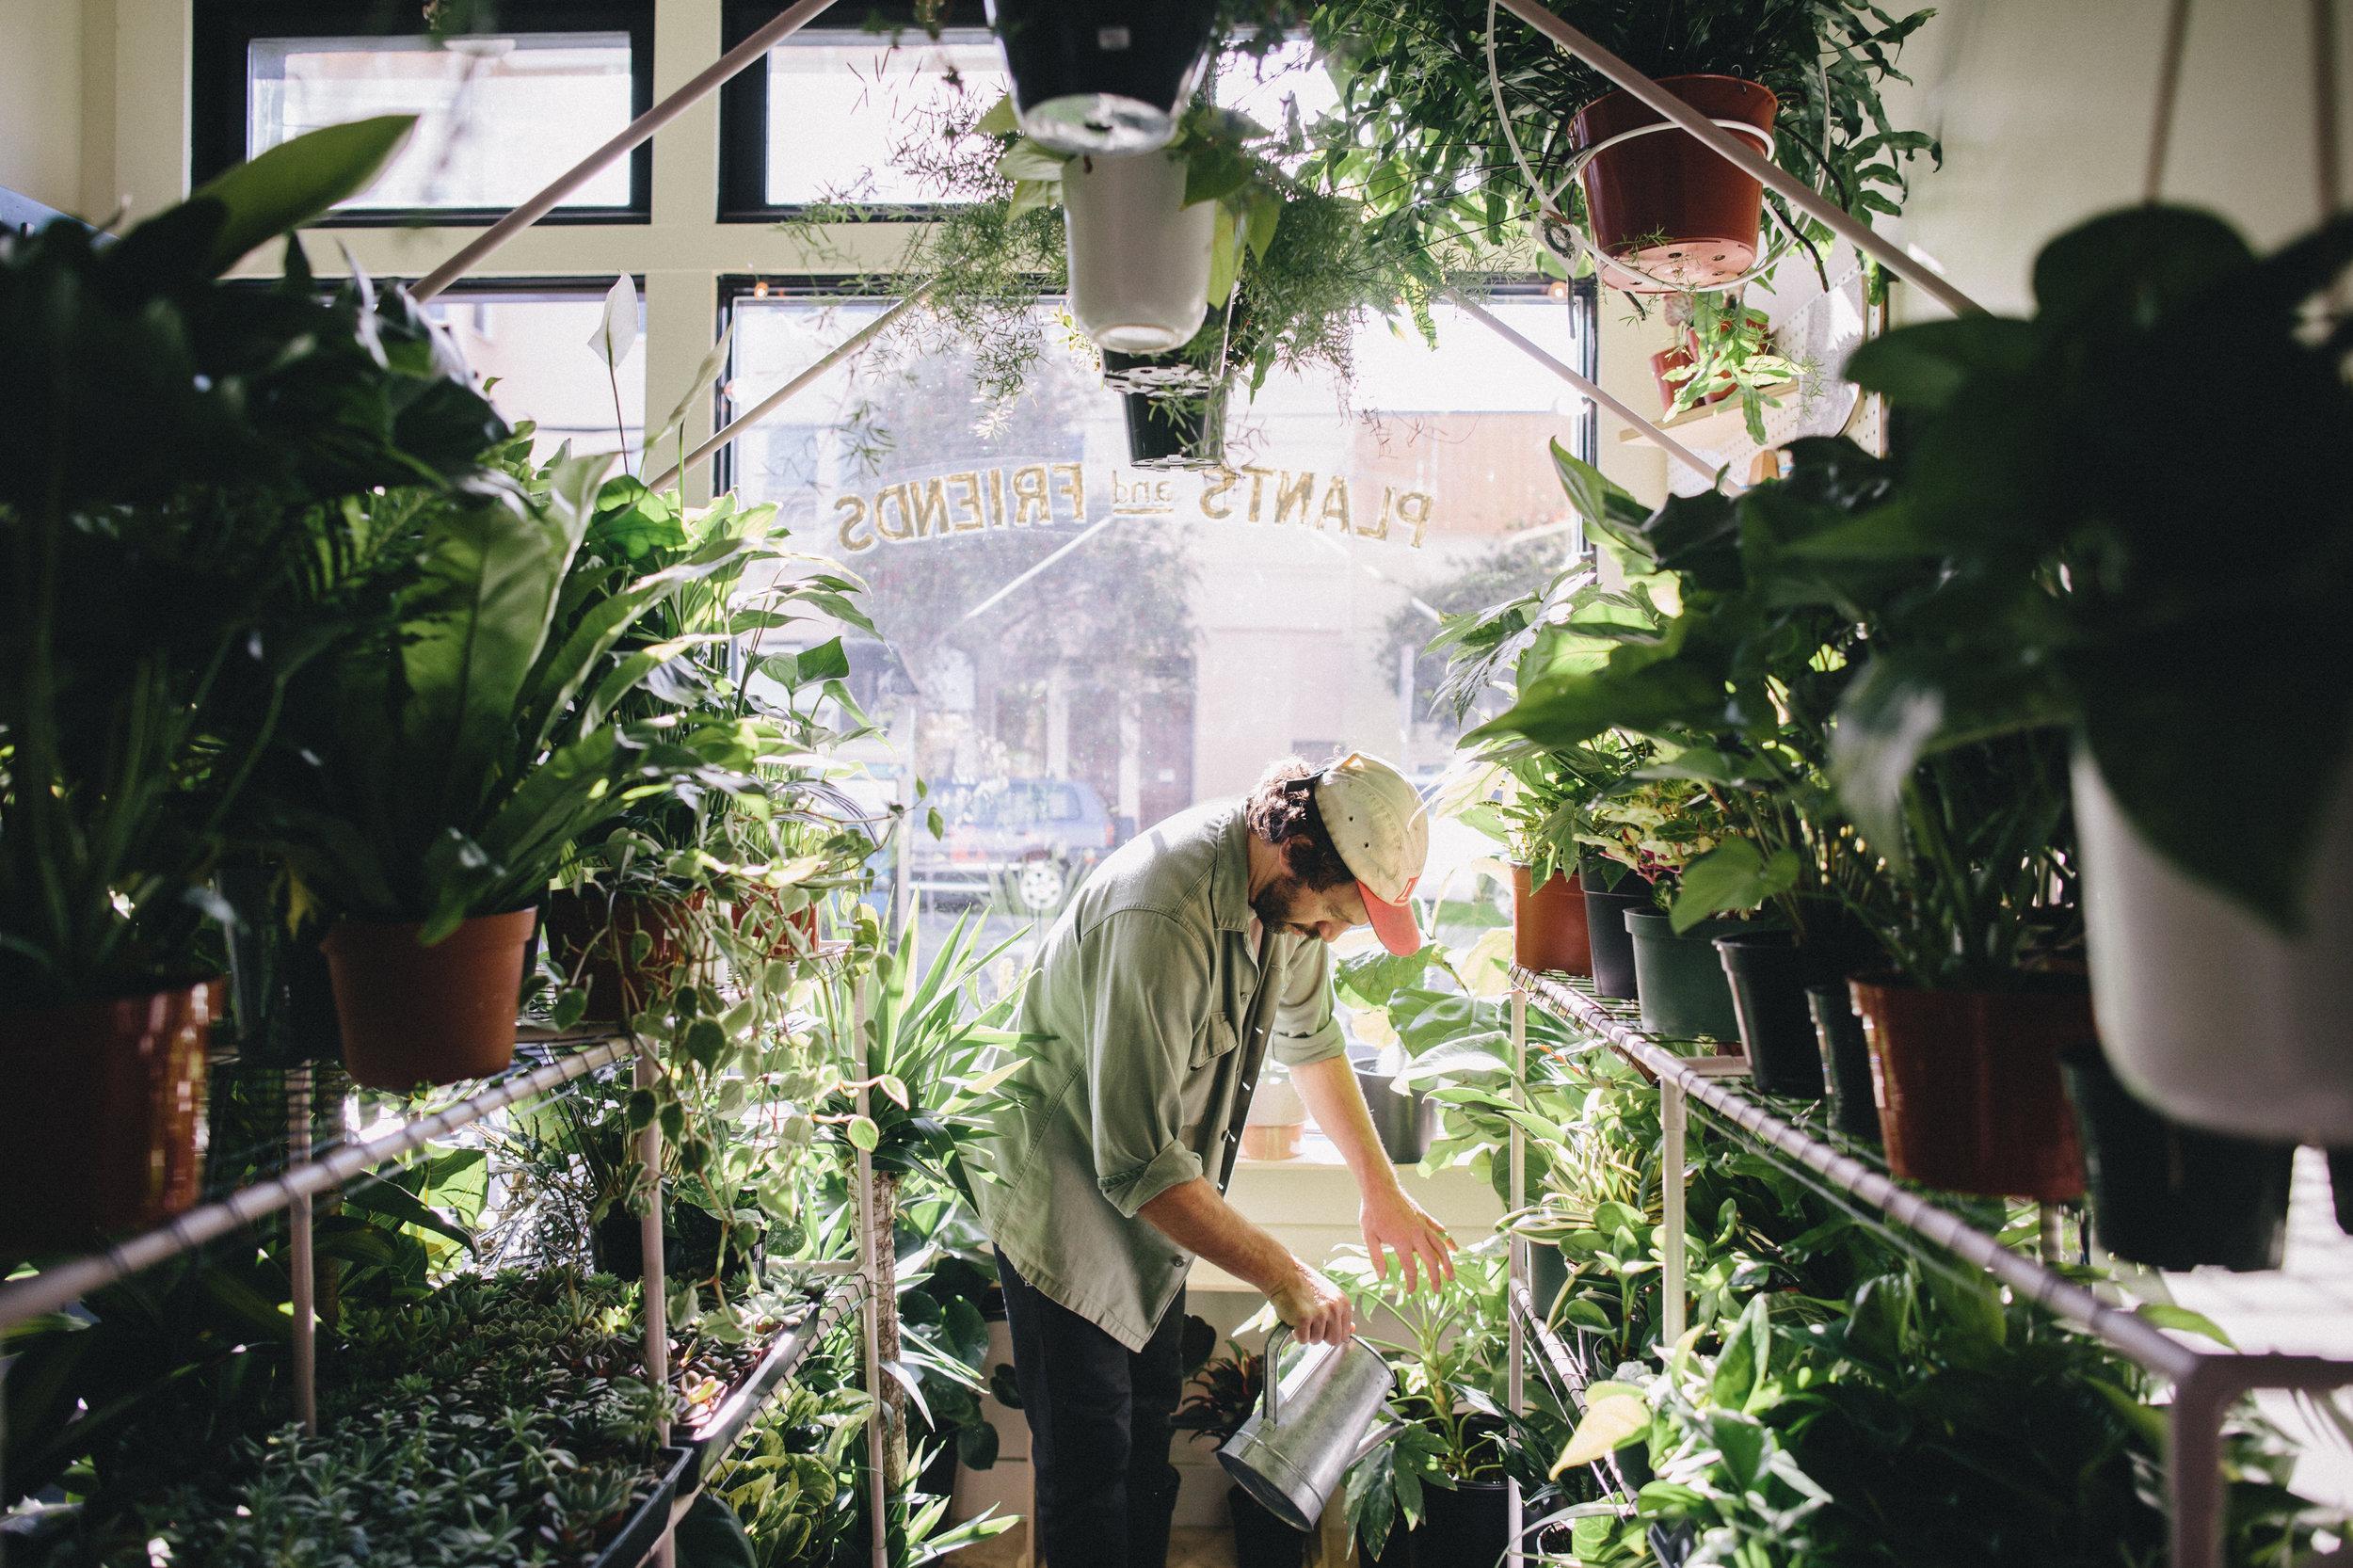 PlantsandFriends2018-89.jpg